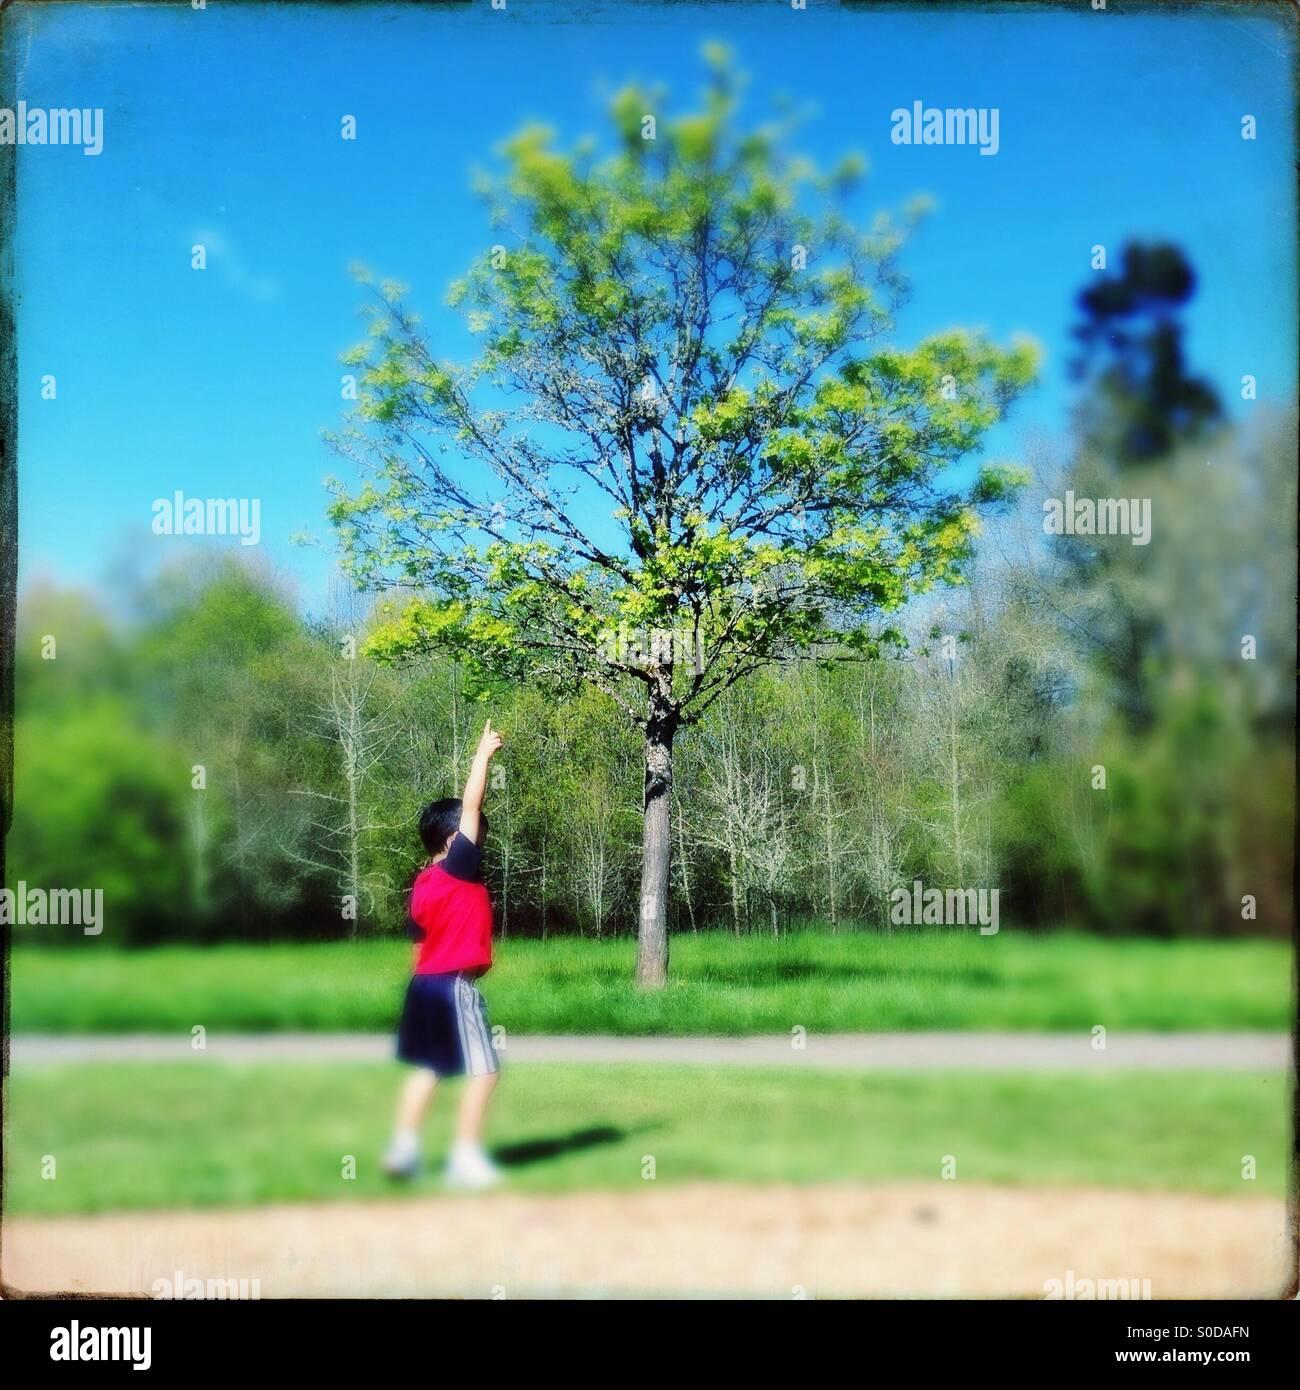 Joven apuntando hacia arriba en el árbol en un día soleado. Imagen De Stock